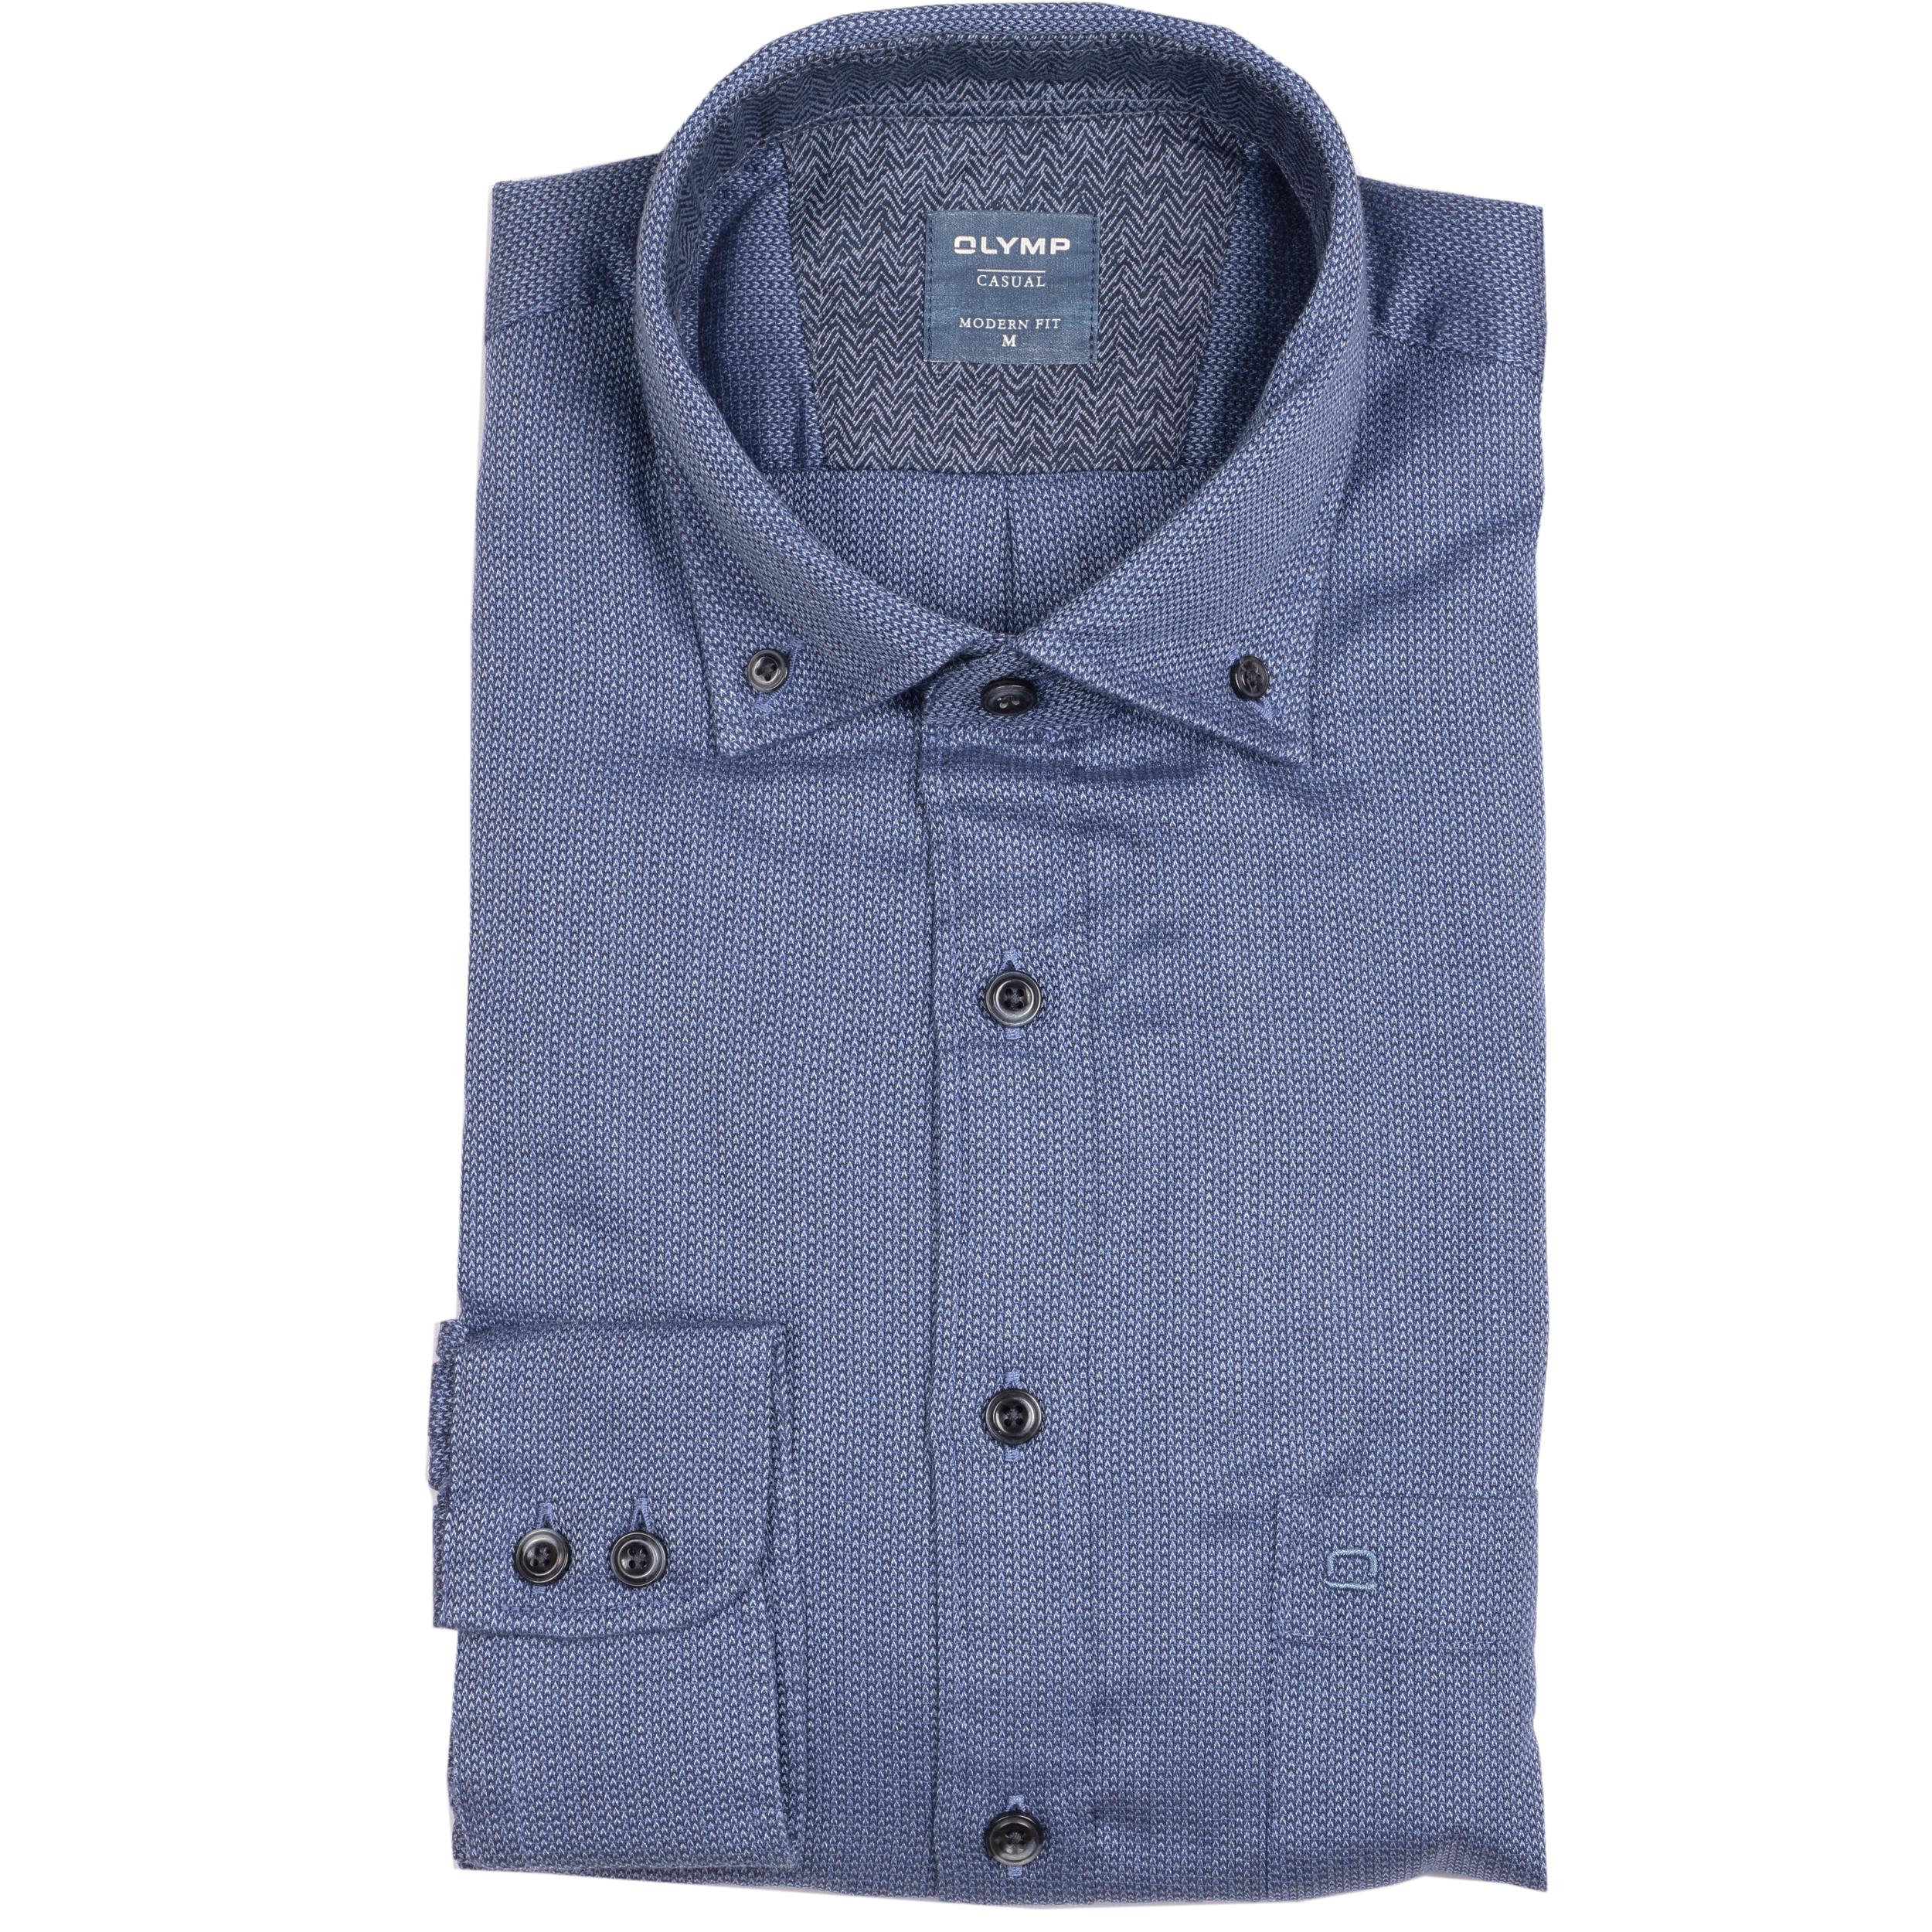 Olymp Hemd Casual modern fit - blau L